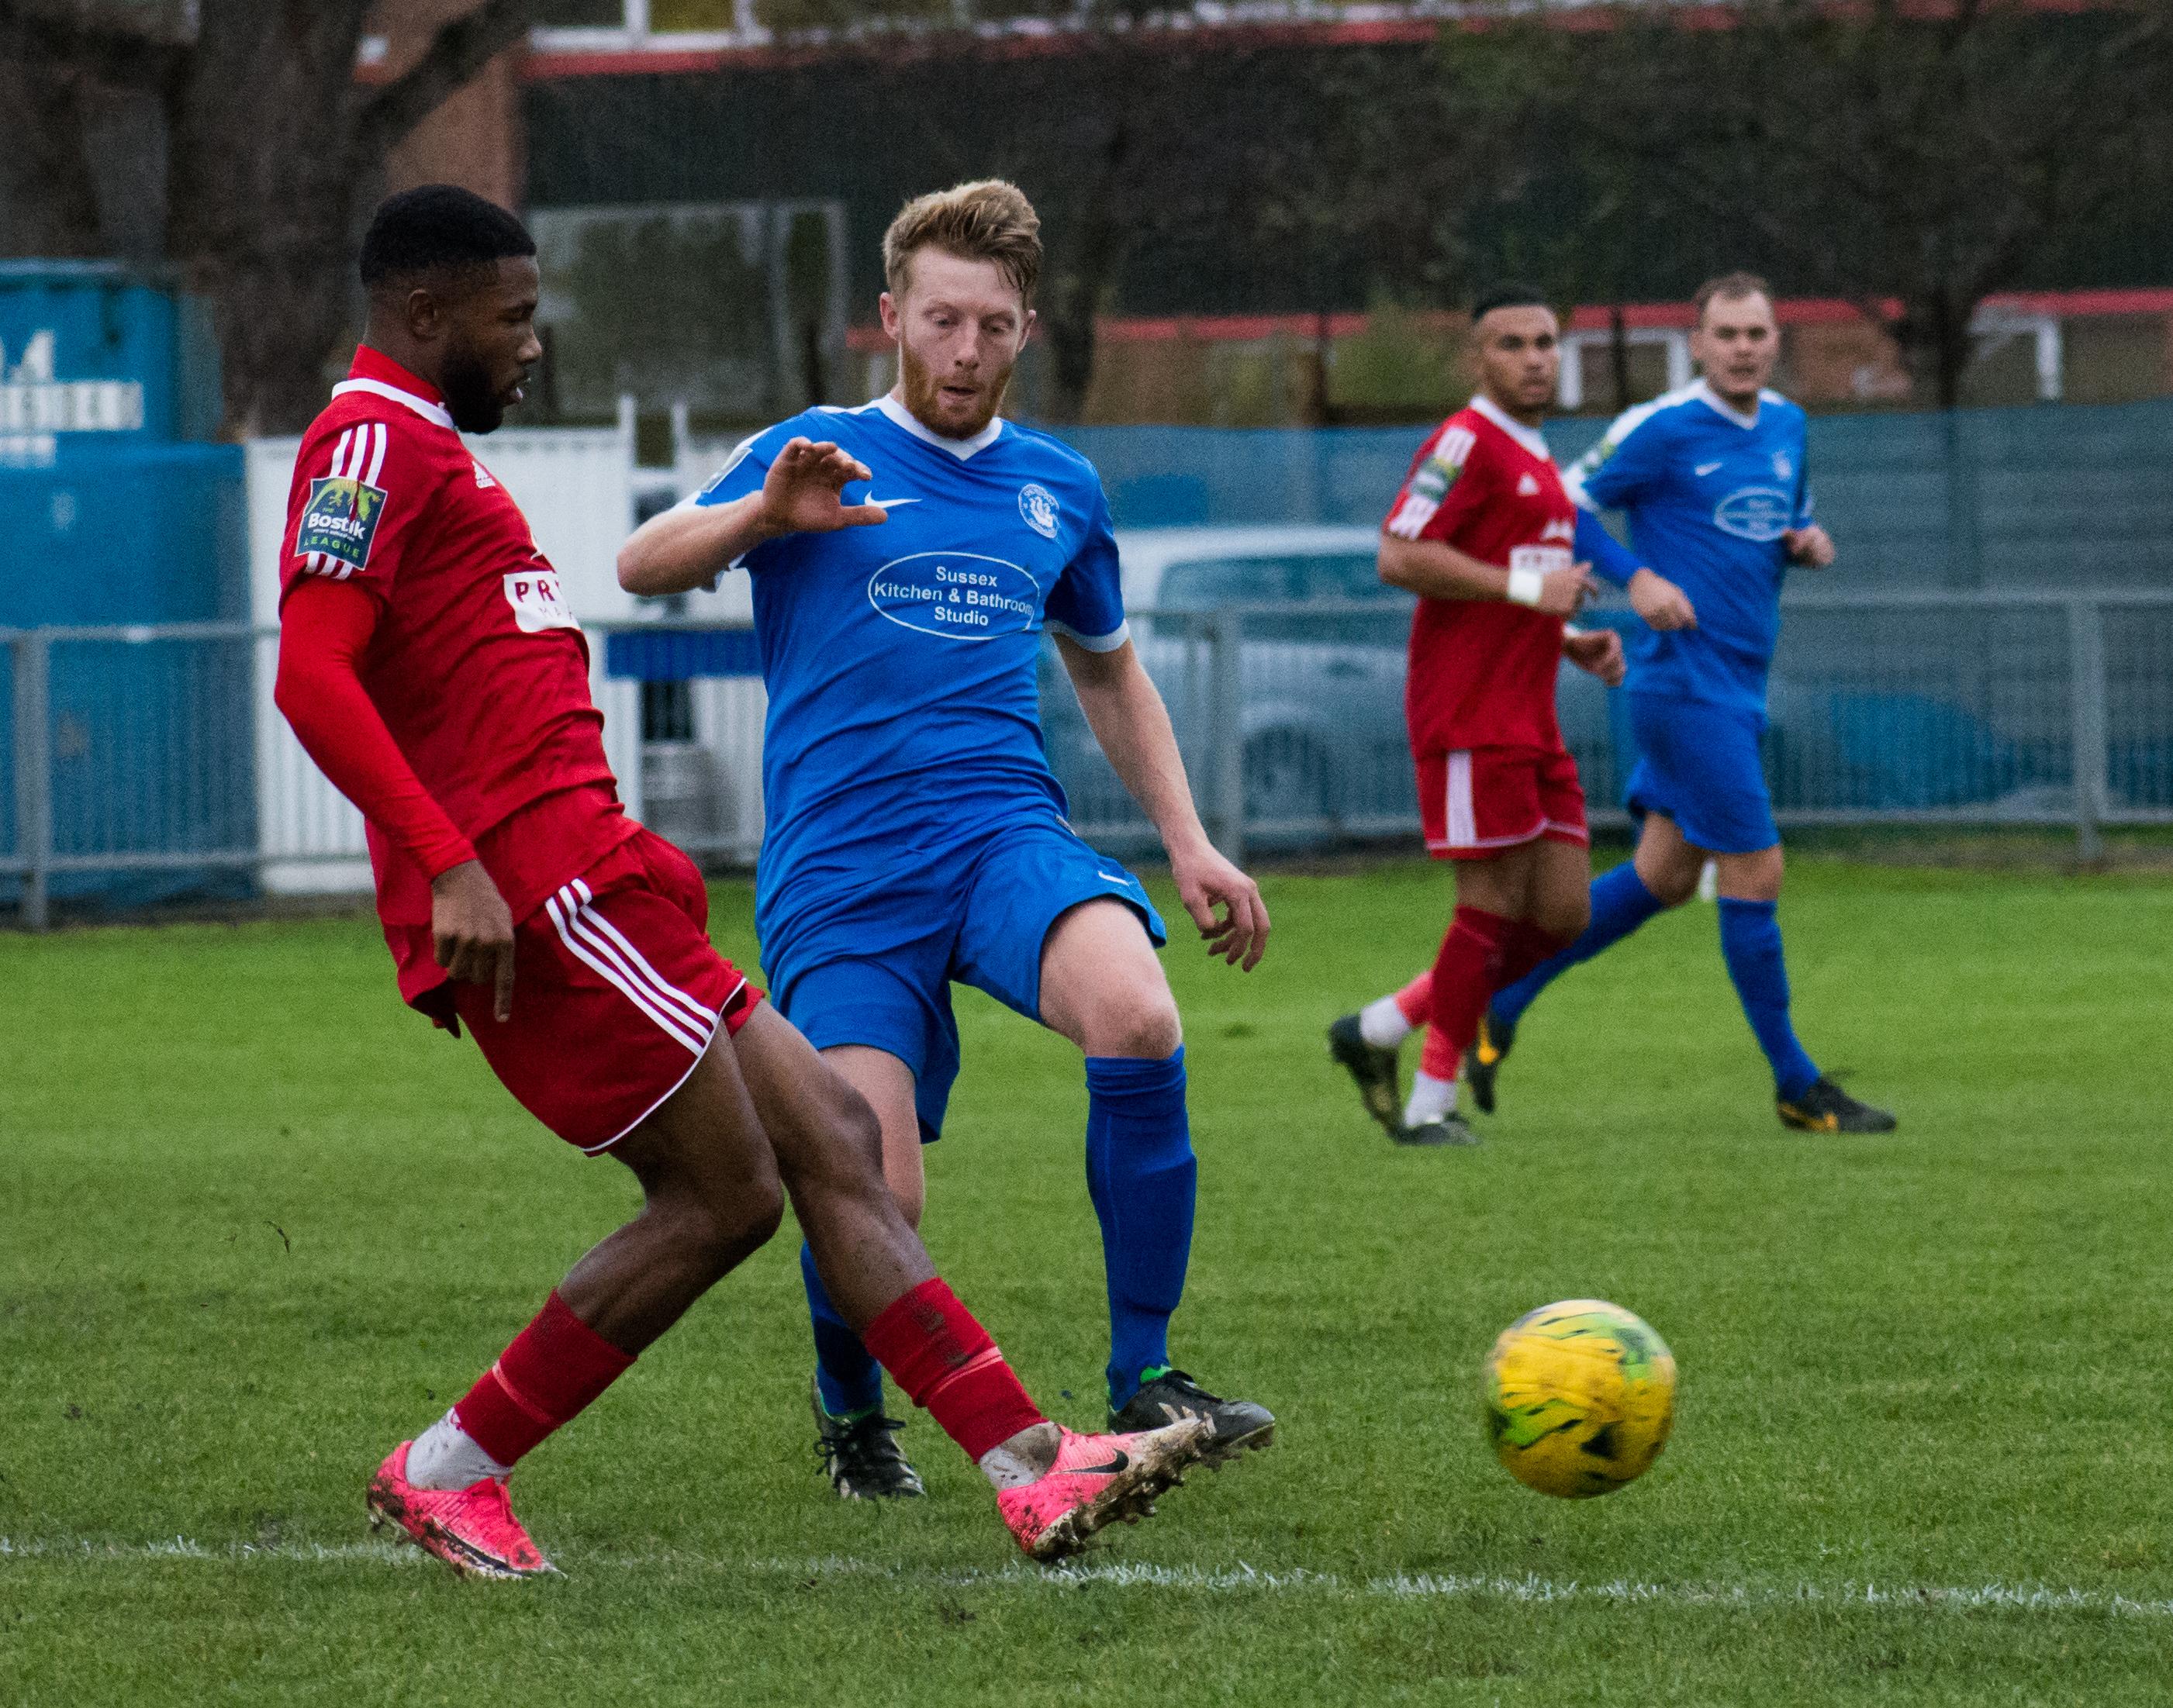 Shoreham FC vs Hythe Town 11.11.17 51